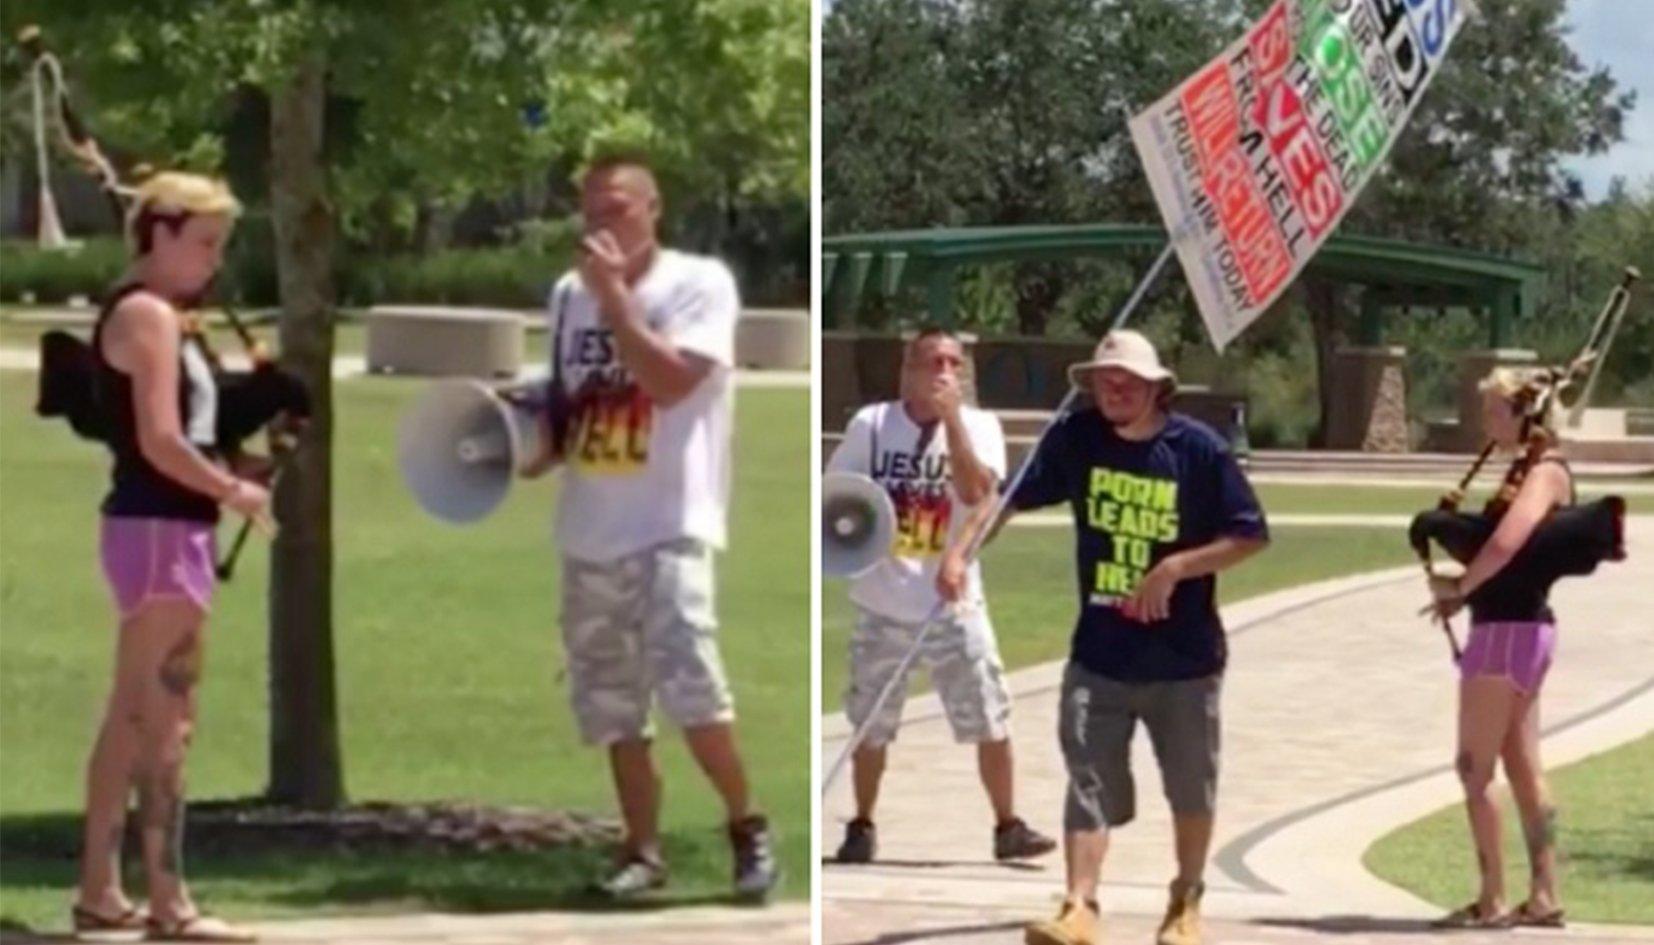 La vidéo du jour : une lesbienne s'oppose à un prêcheur homophobe avec… sa cornemuse